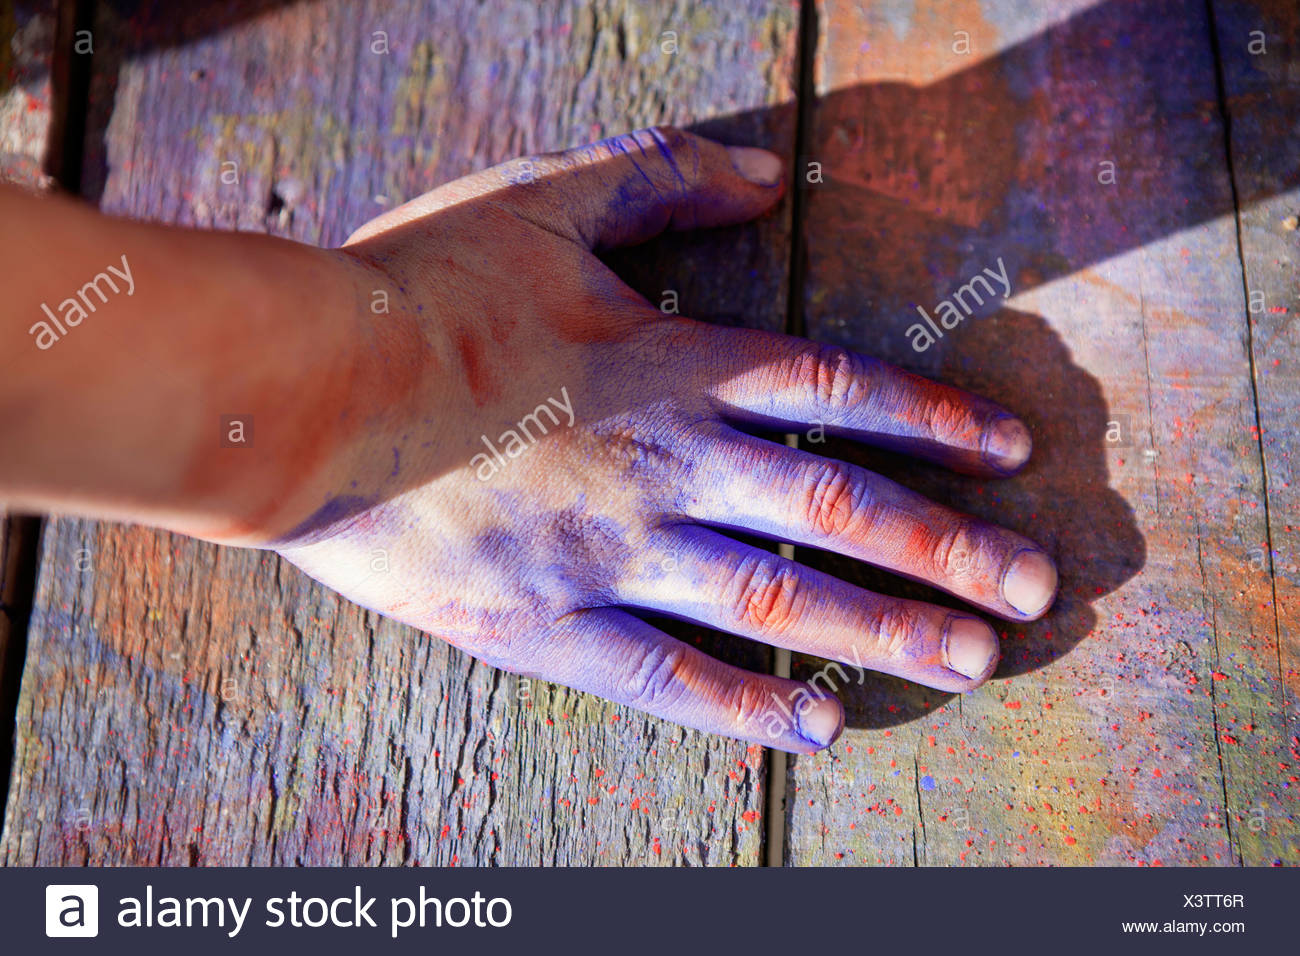 Deutschland, Nordrhein-Westfalen, Köln, menschliche hand mit Farbe bedeckt, Nahaufnahme Stockbild